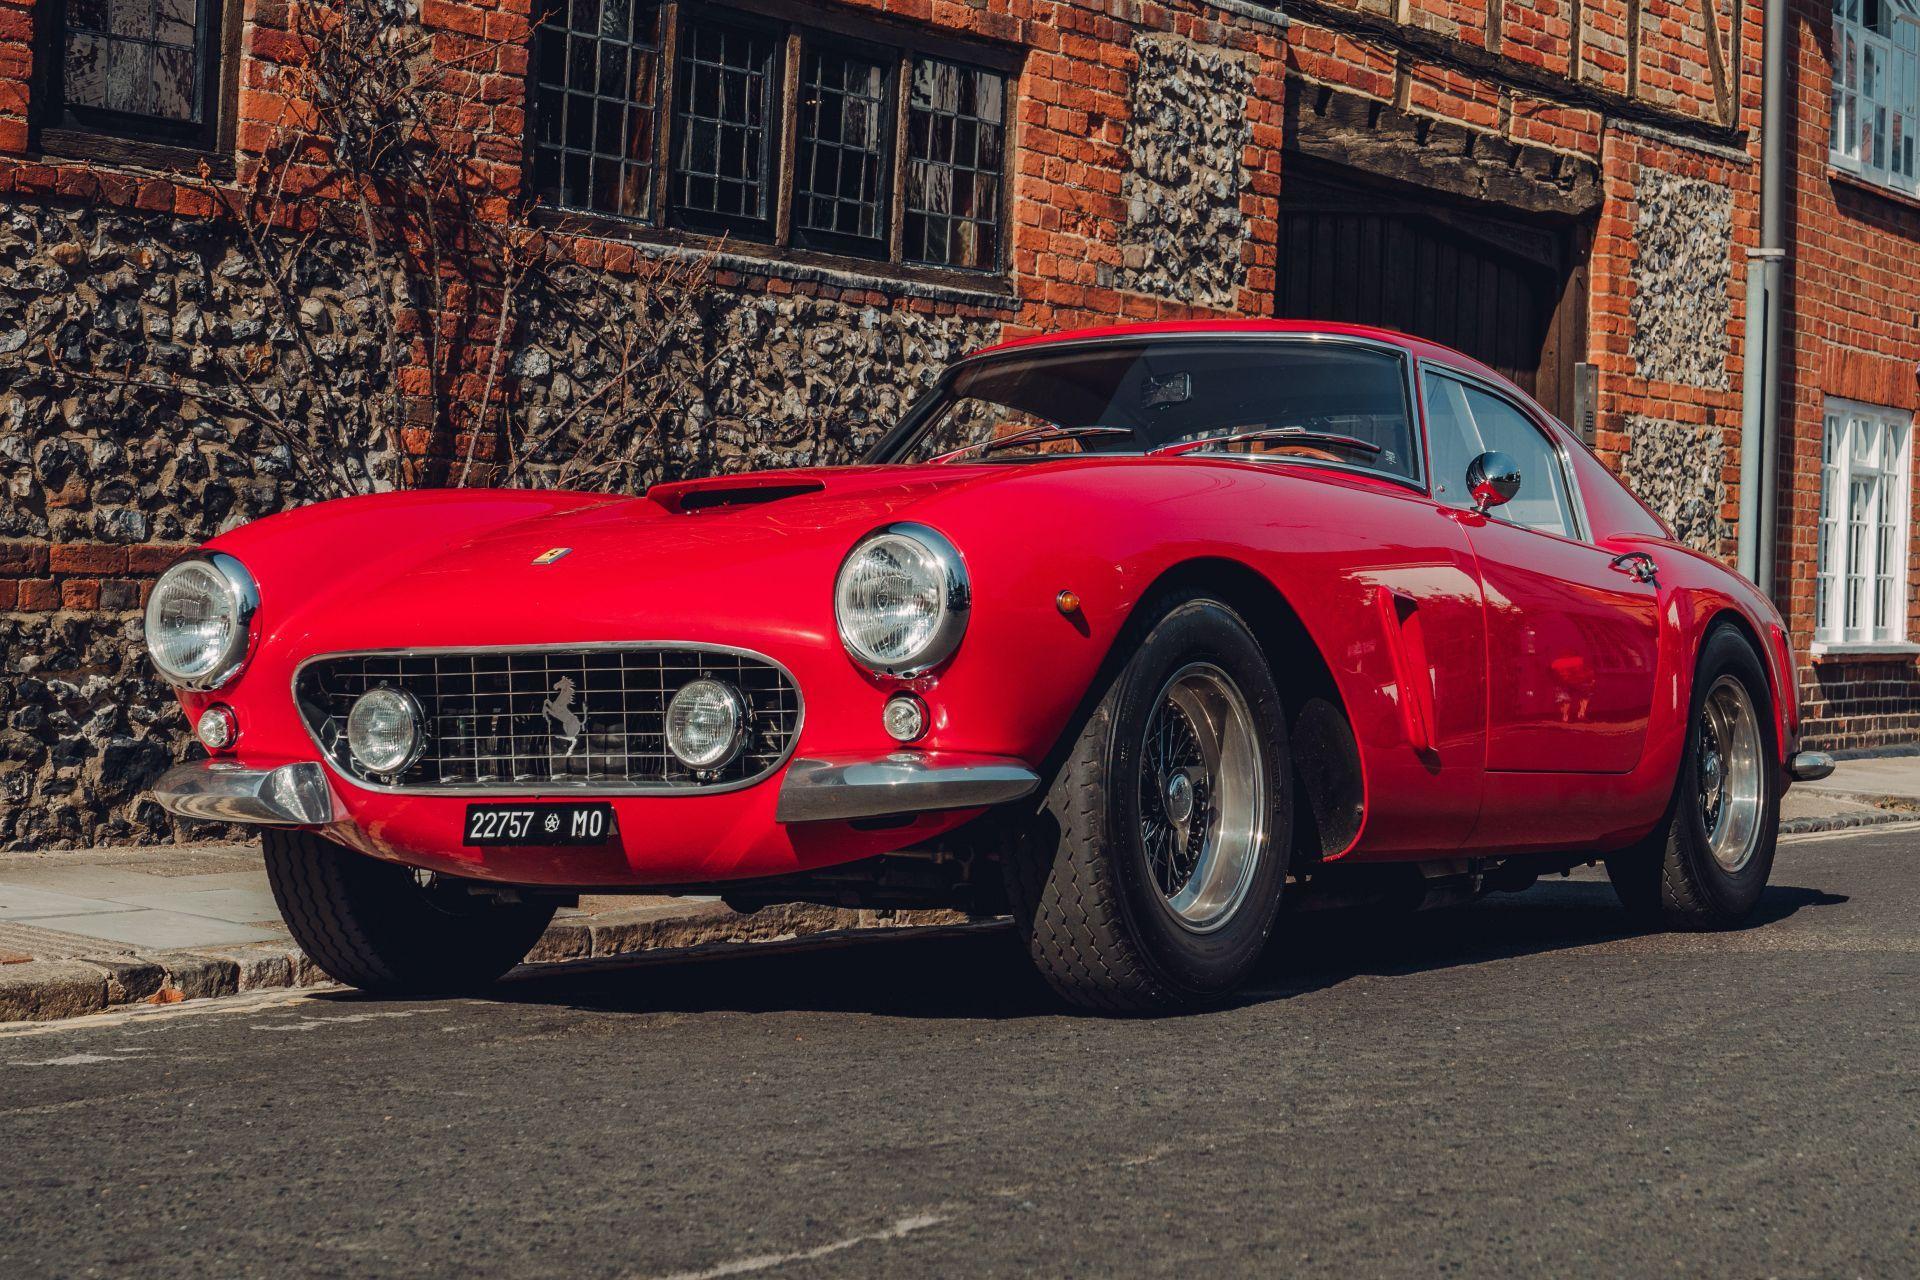 Ferrari-250-GT-SWB-Berlinetta-Competizione-Revival-by-GTO-Engineering-45